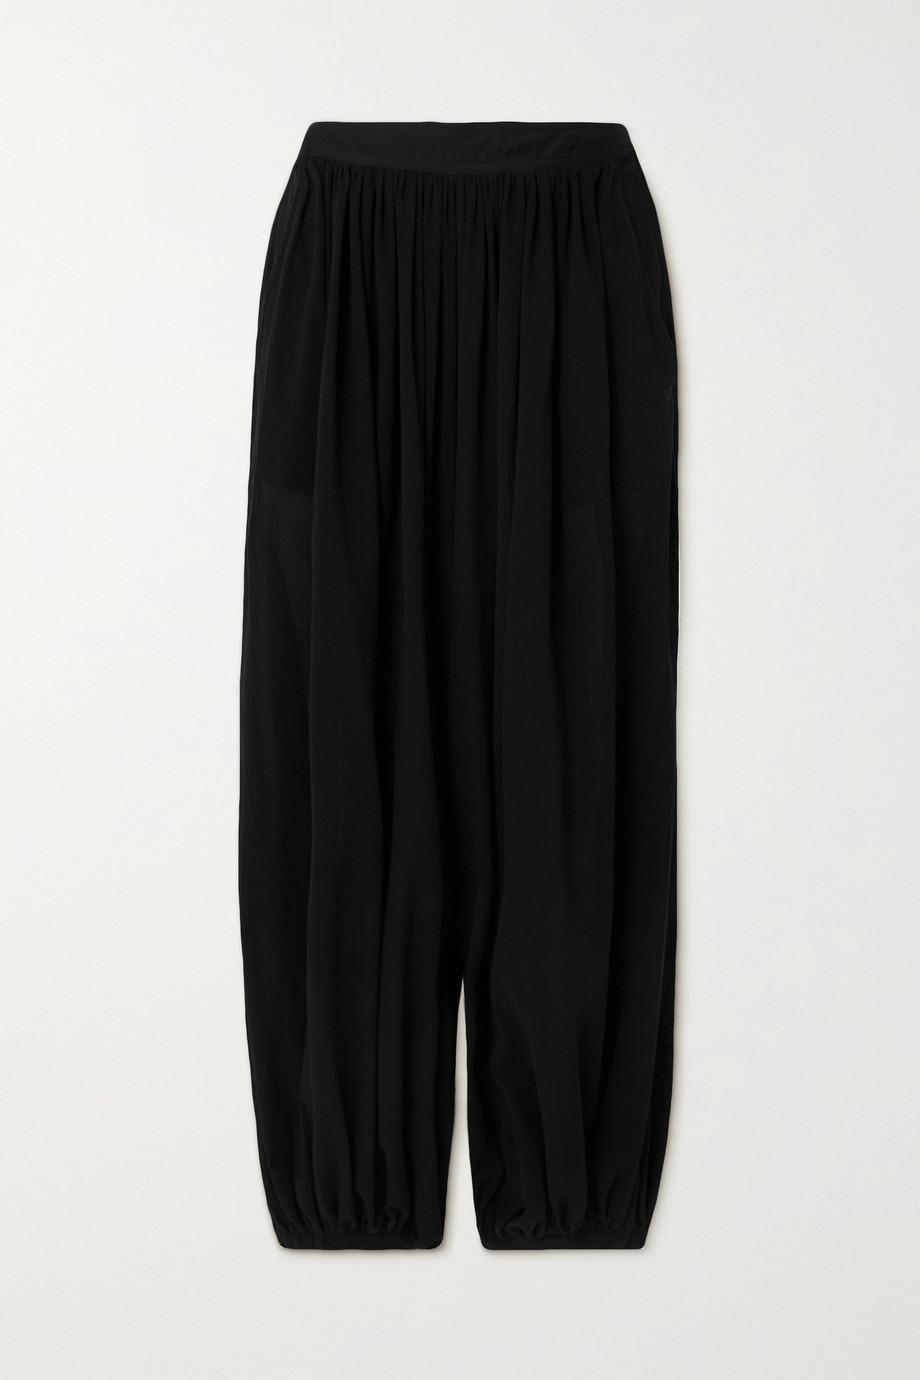 Loewe Pantalon en voile de coton à fronces x Paula's Ibiza